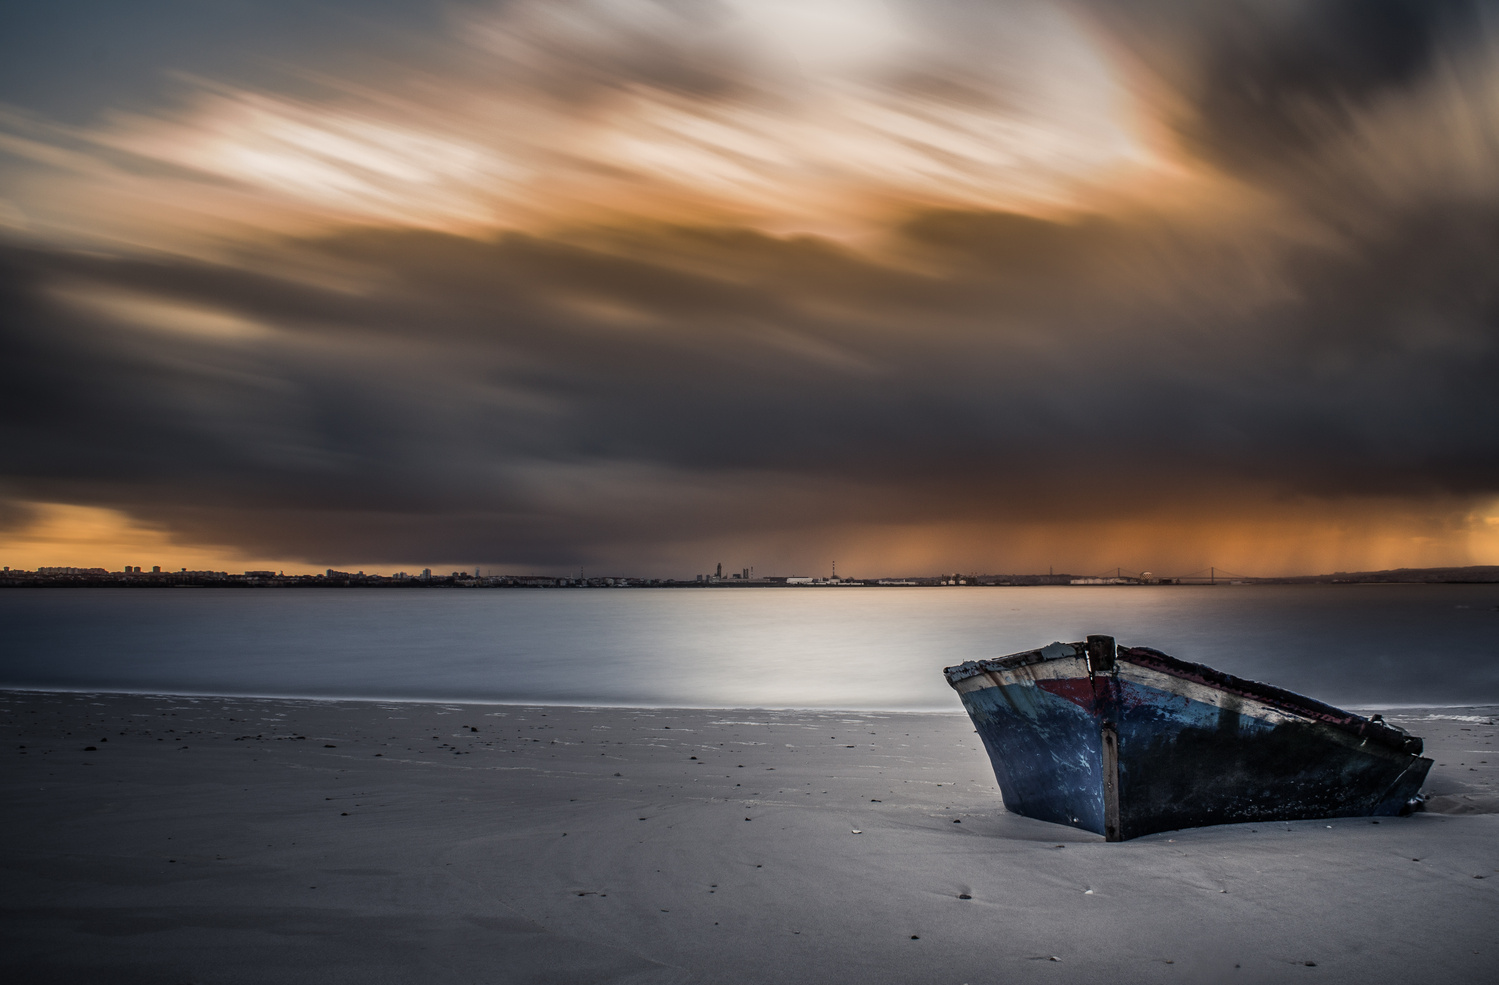 Aggressive Weather by Daniel Boavida